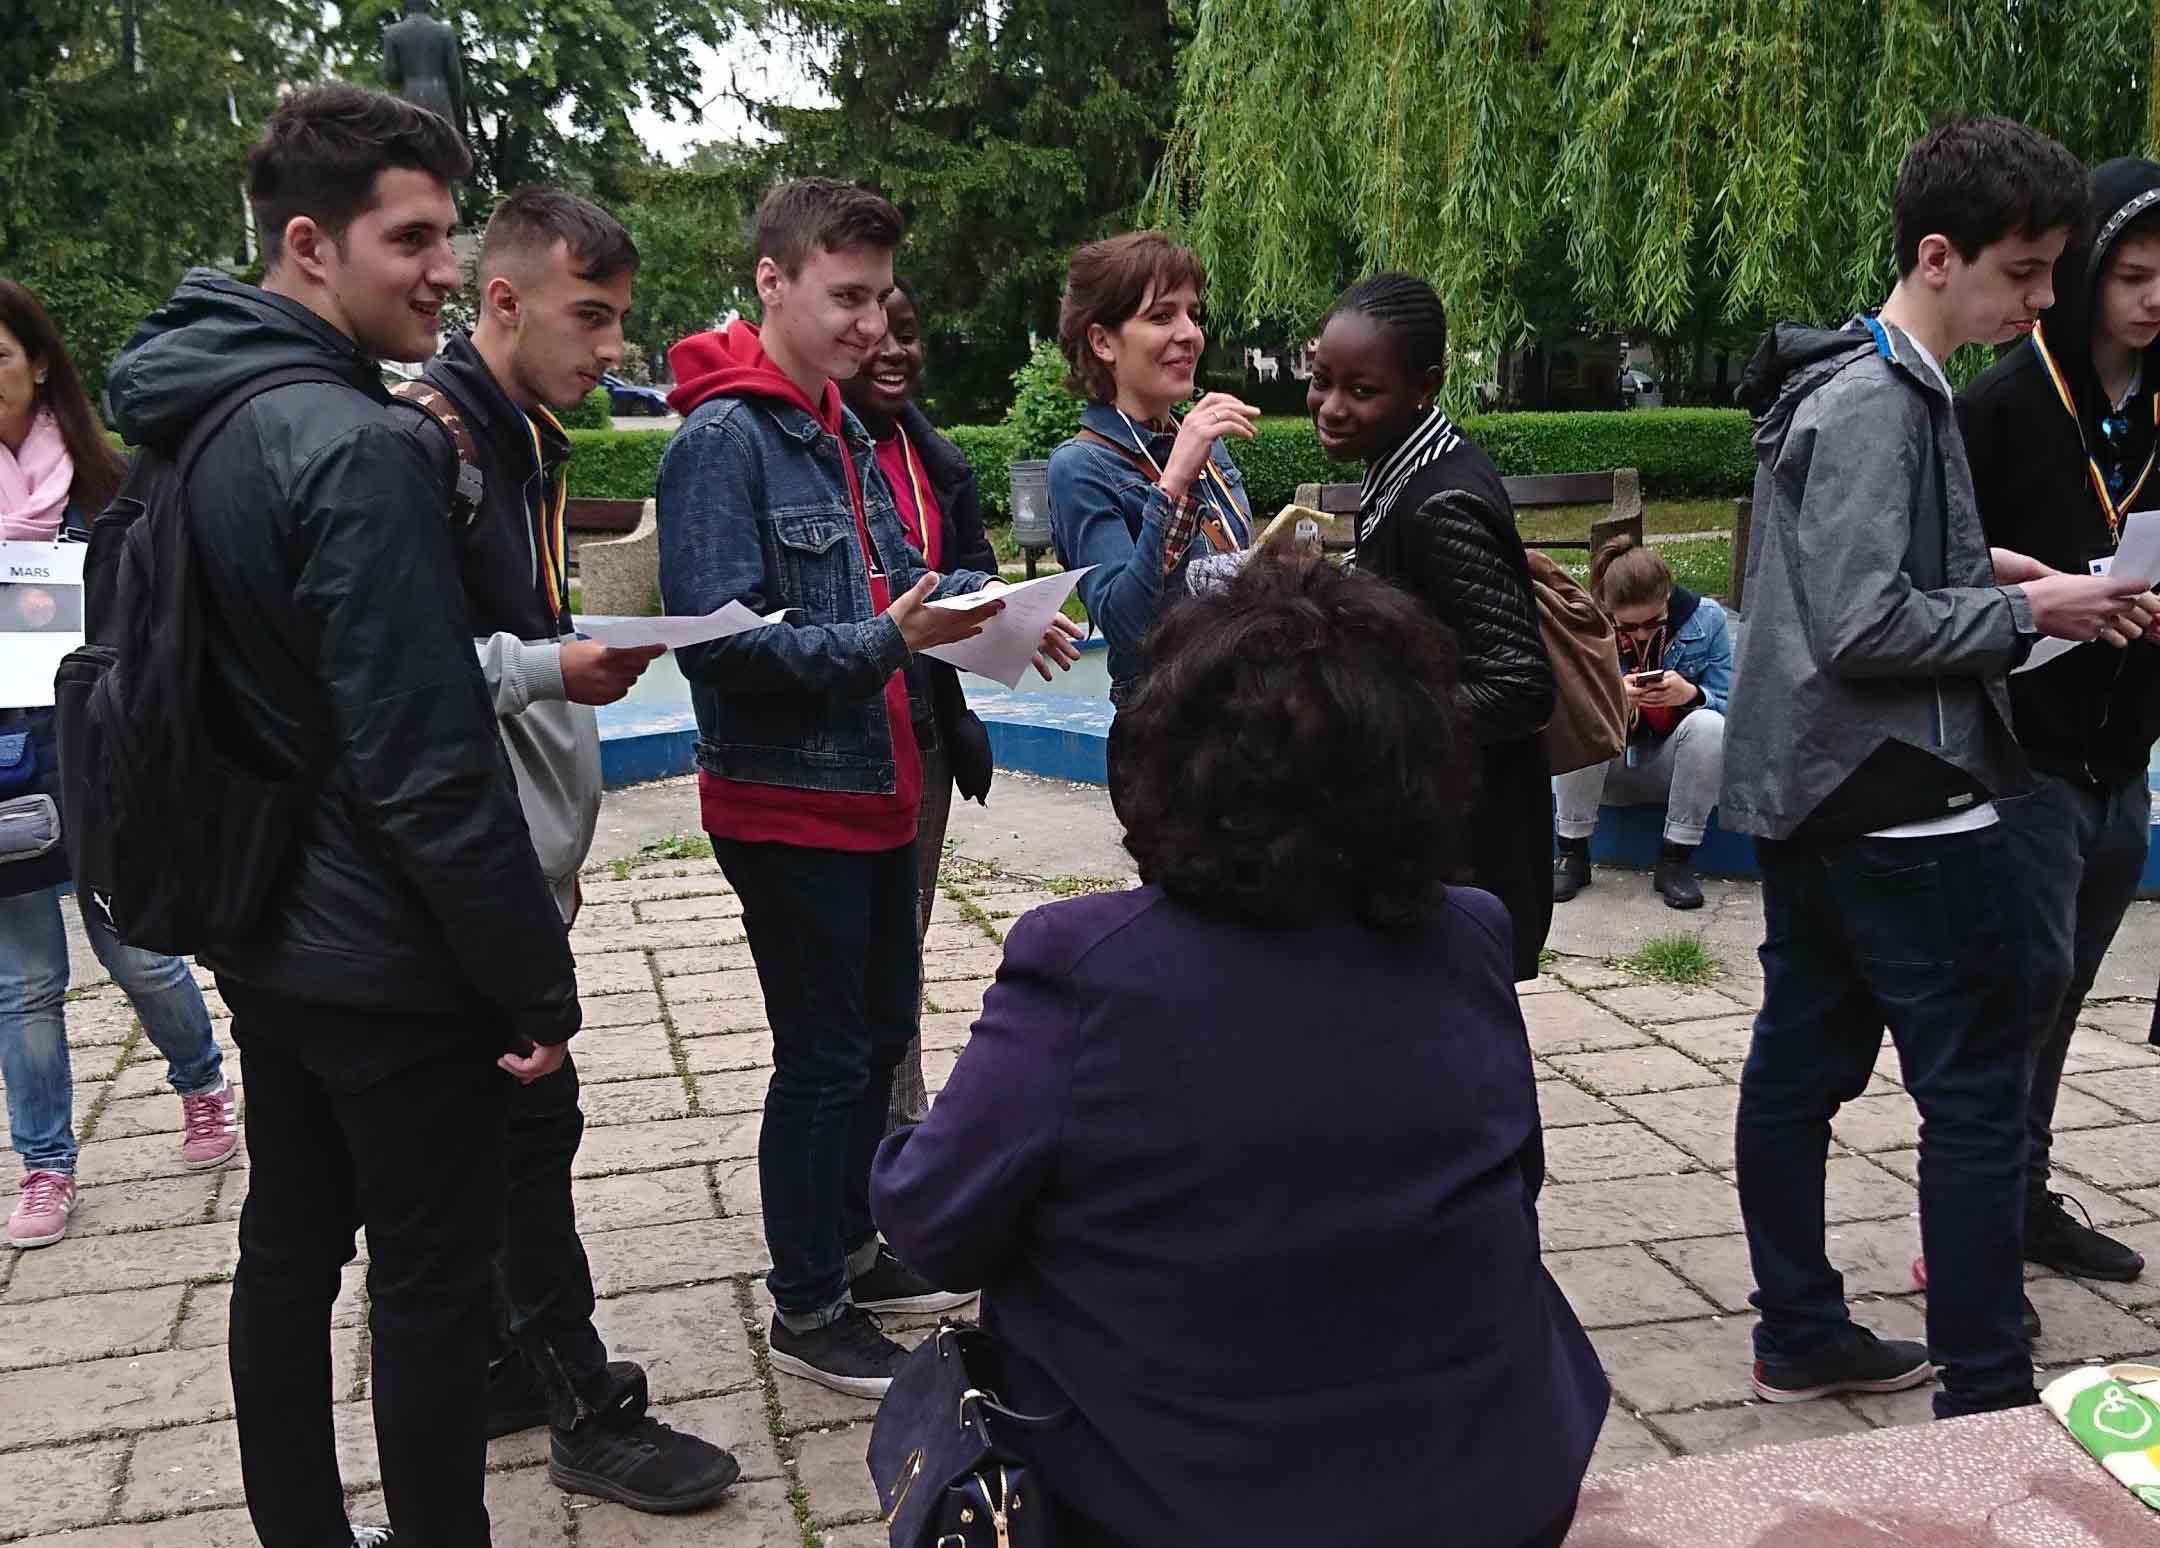 TeilnehmerInnen am Projekt Inlusion im Rahmen von ErasmusPlus